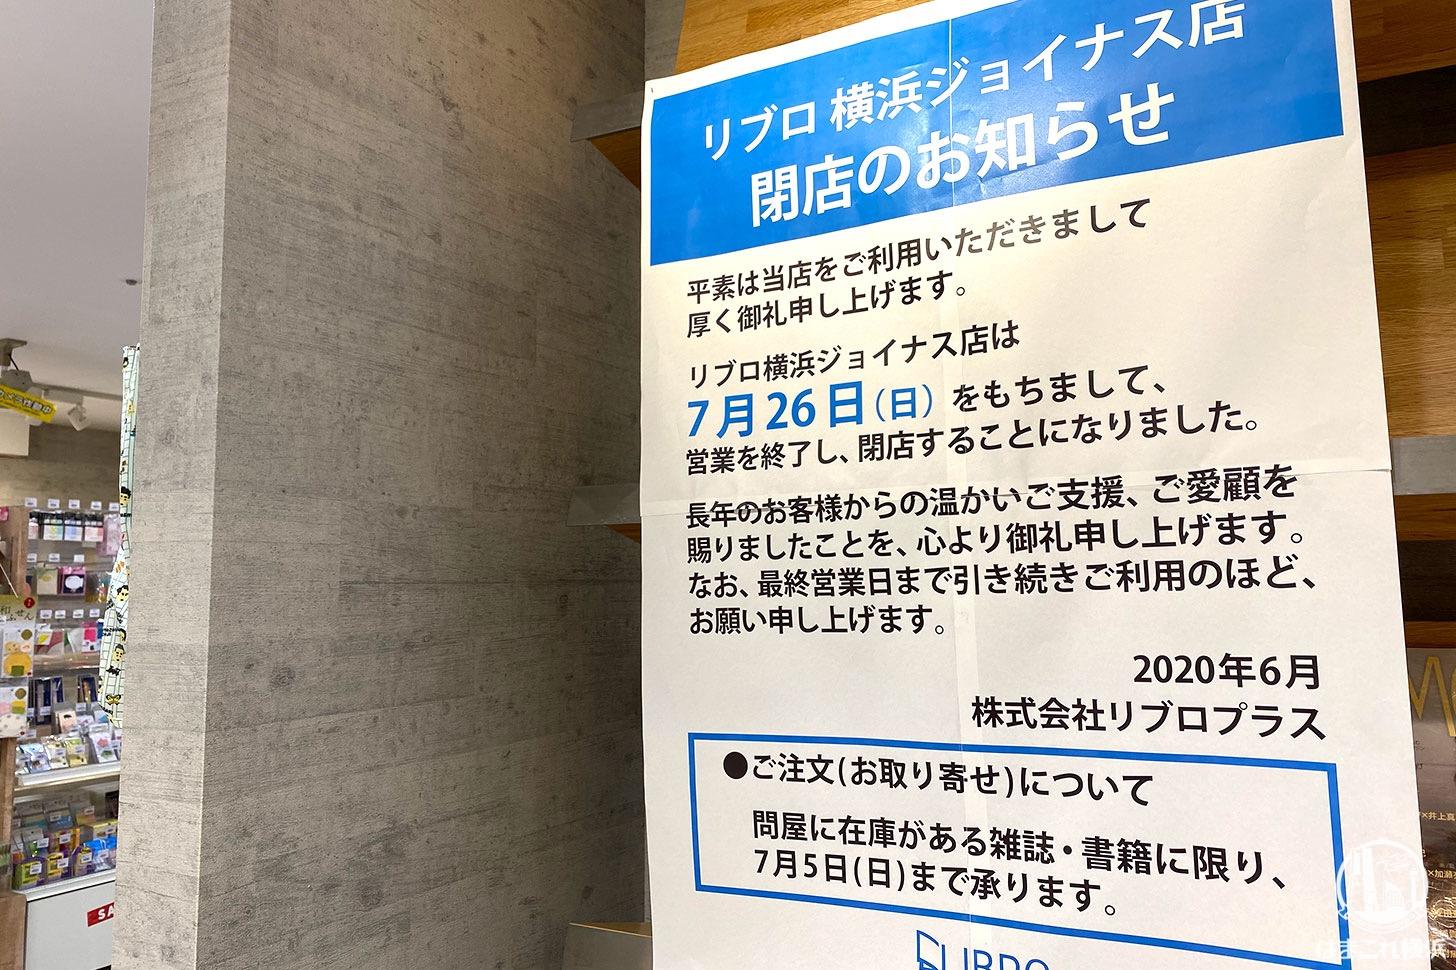 リブロ横浜ジョイナス店 閉店